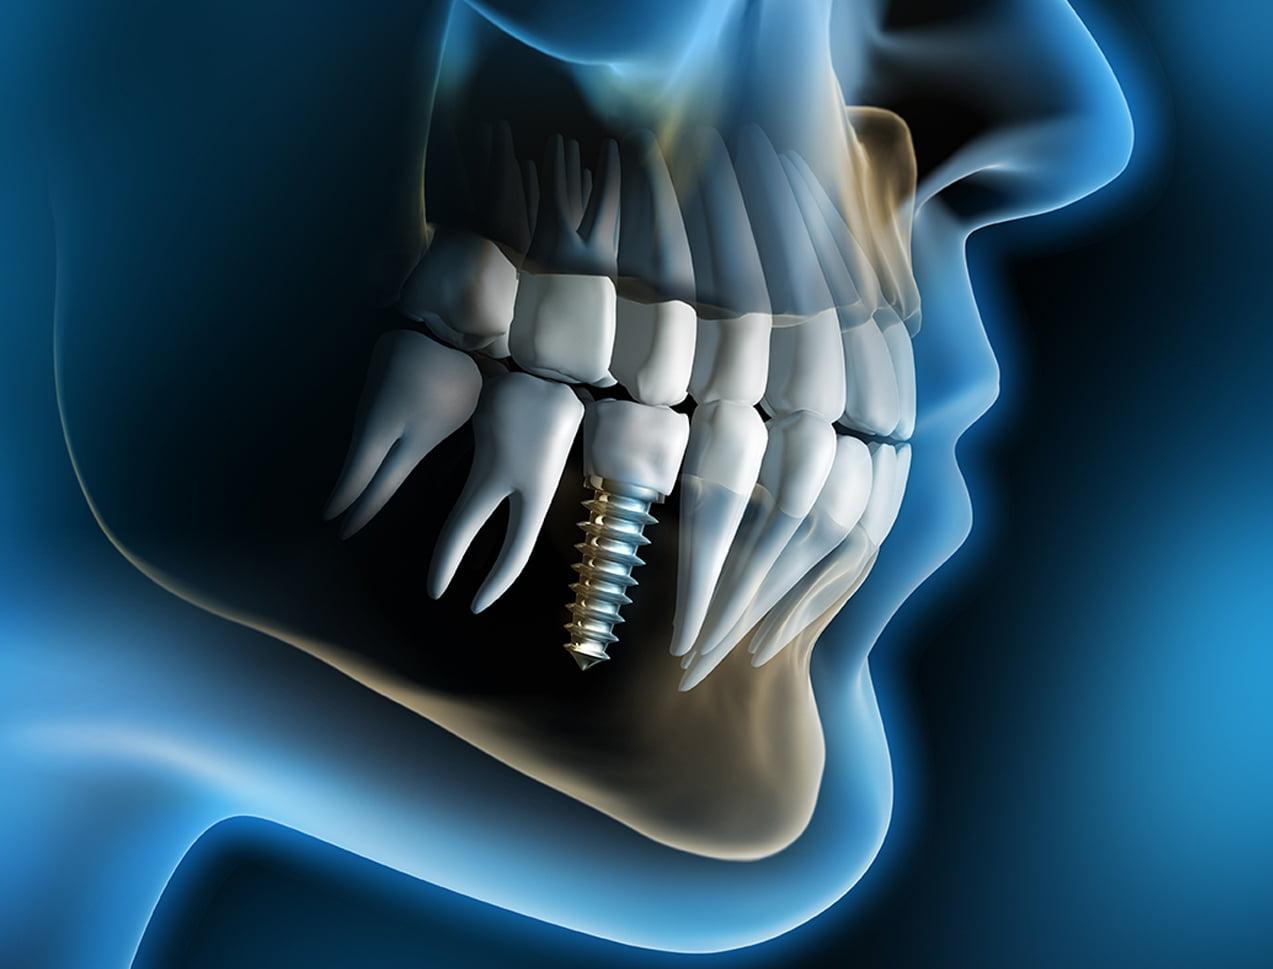 cay-ghep-rang-implant-co-dau-khong